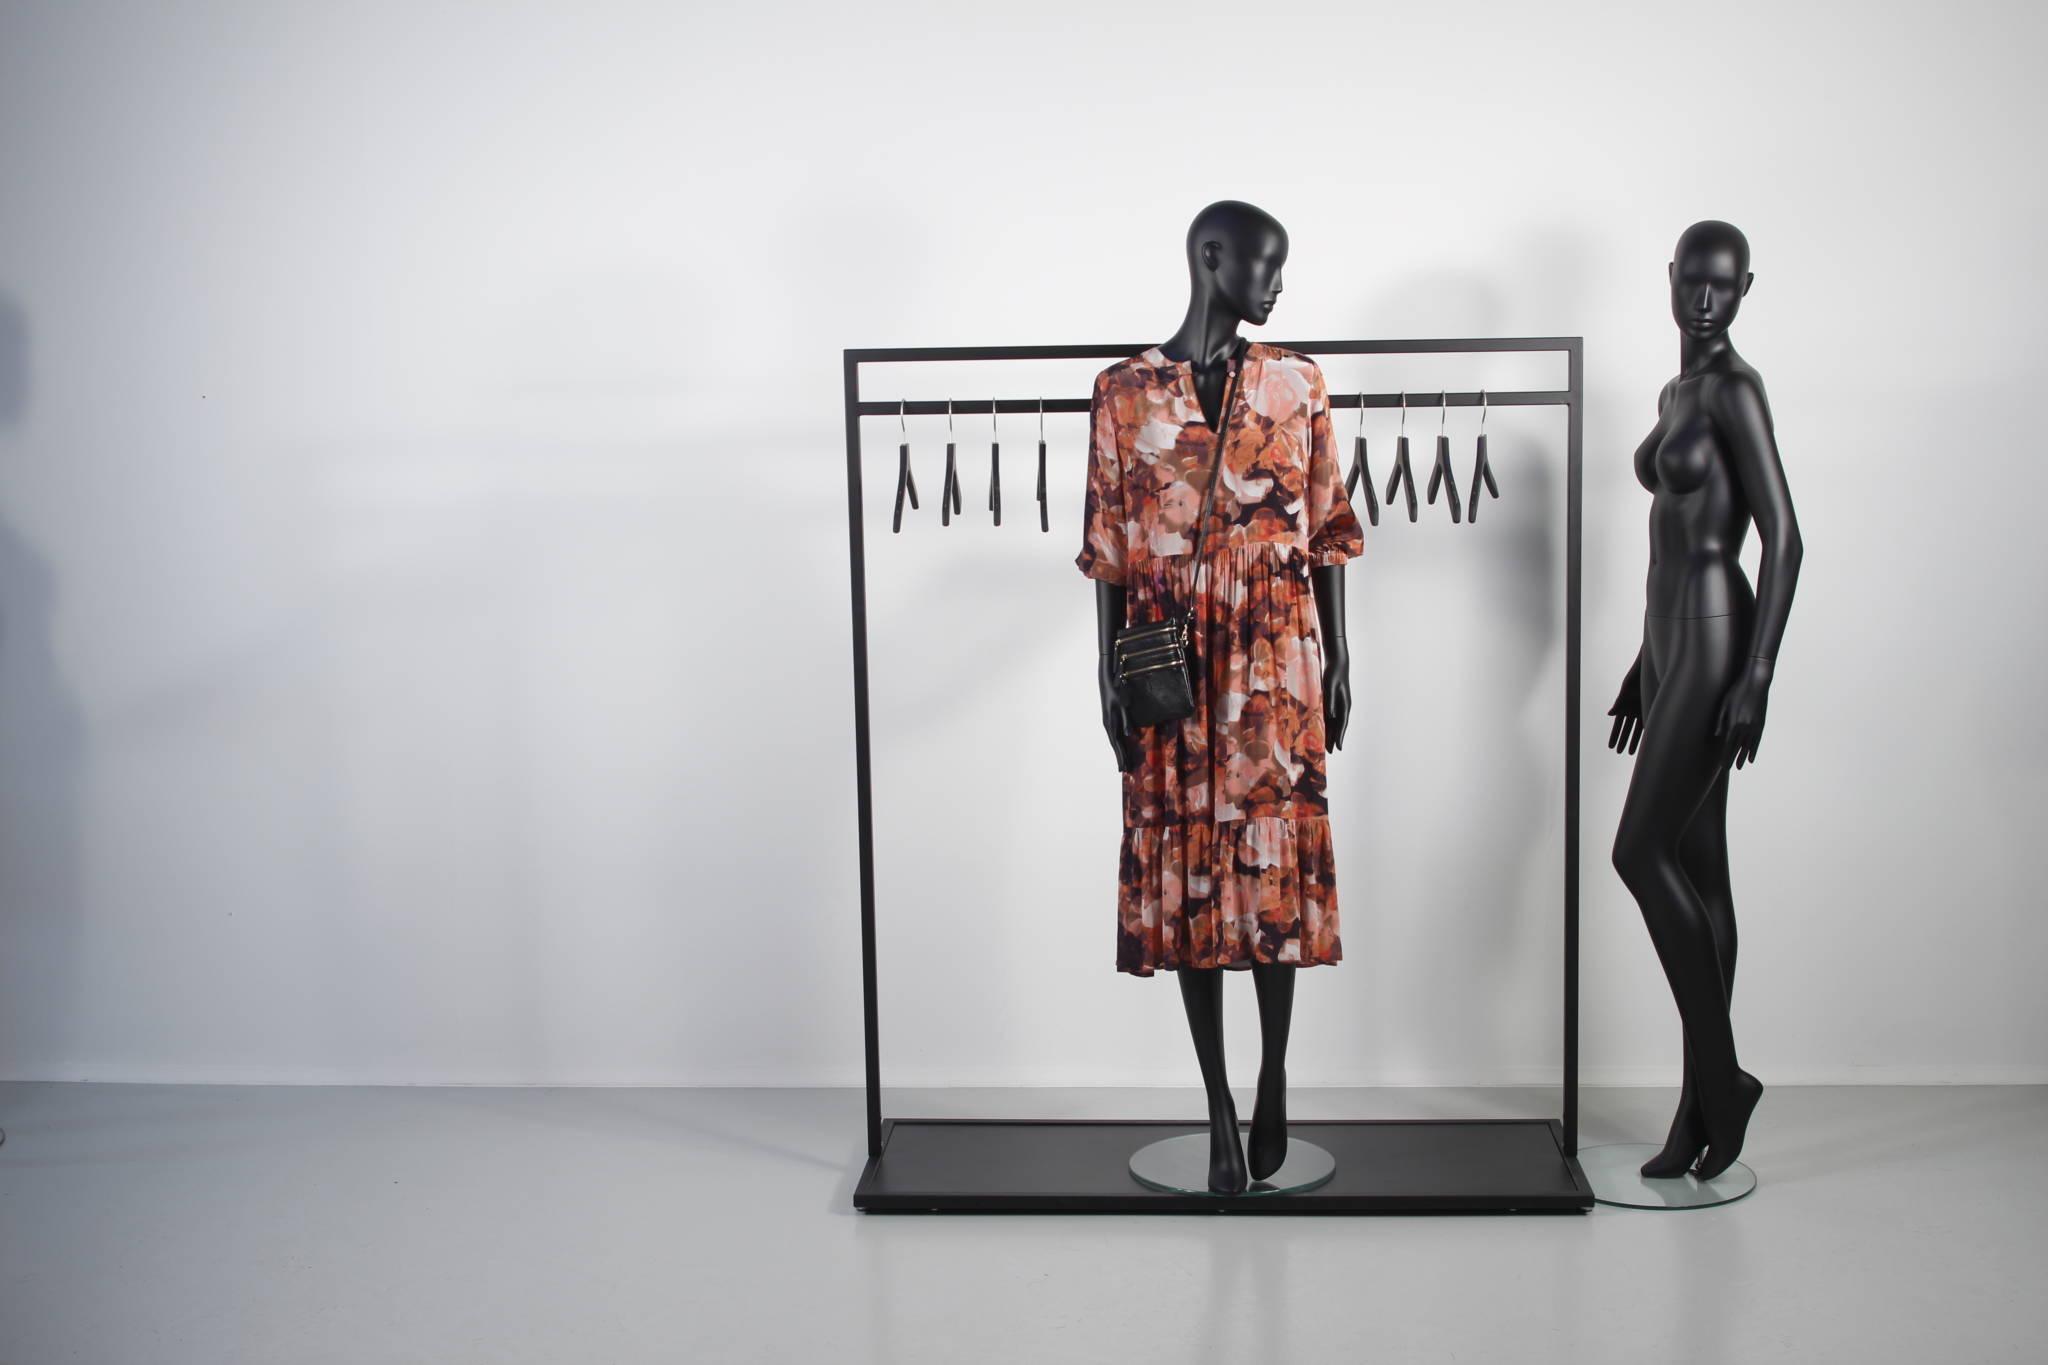 Dame mannequiner anvendt sammen med design stativer